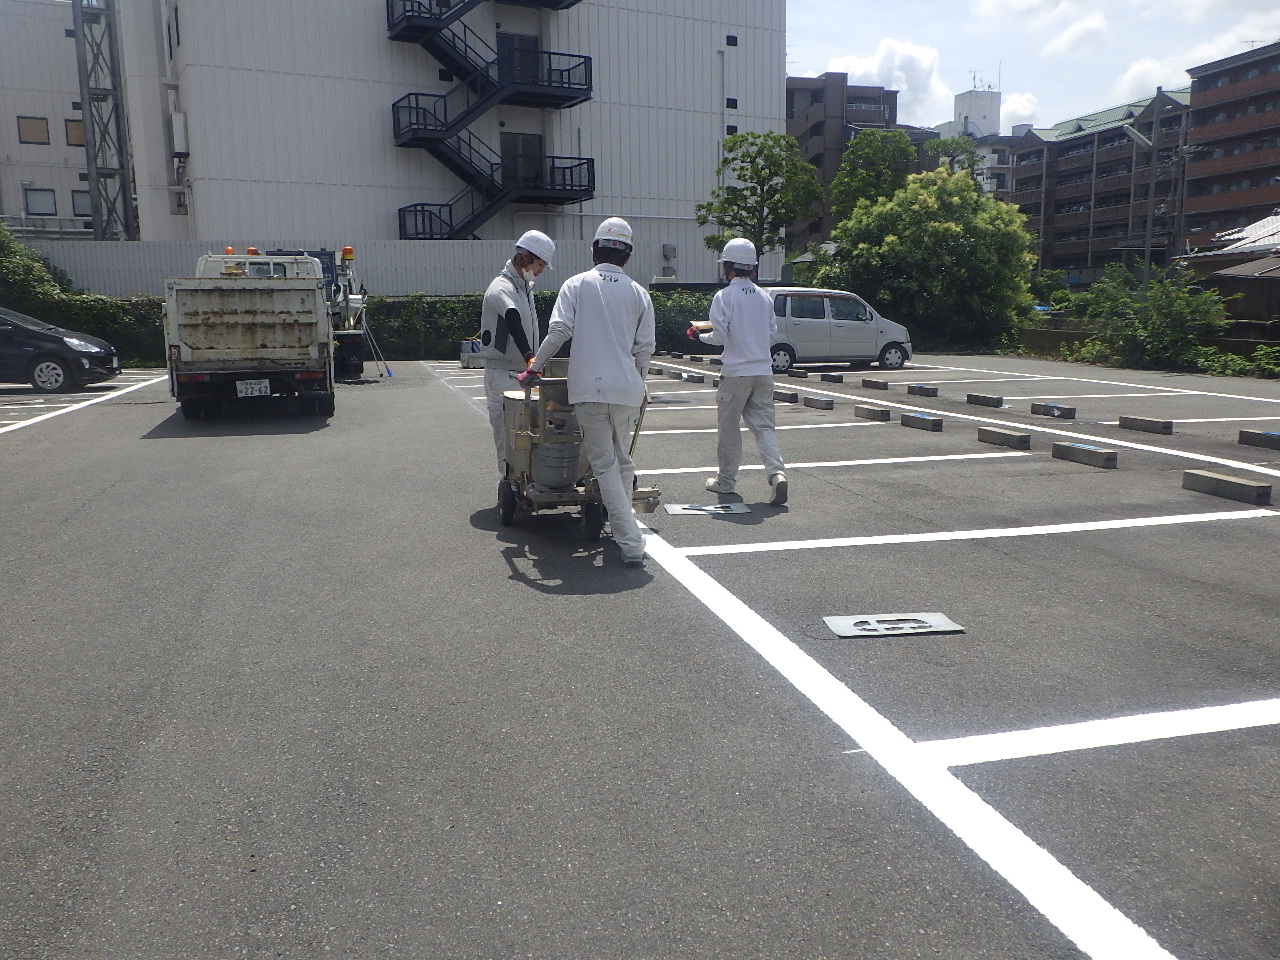 某駐車場のラインと番号の塗り直し工事です